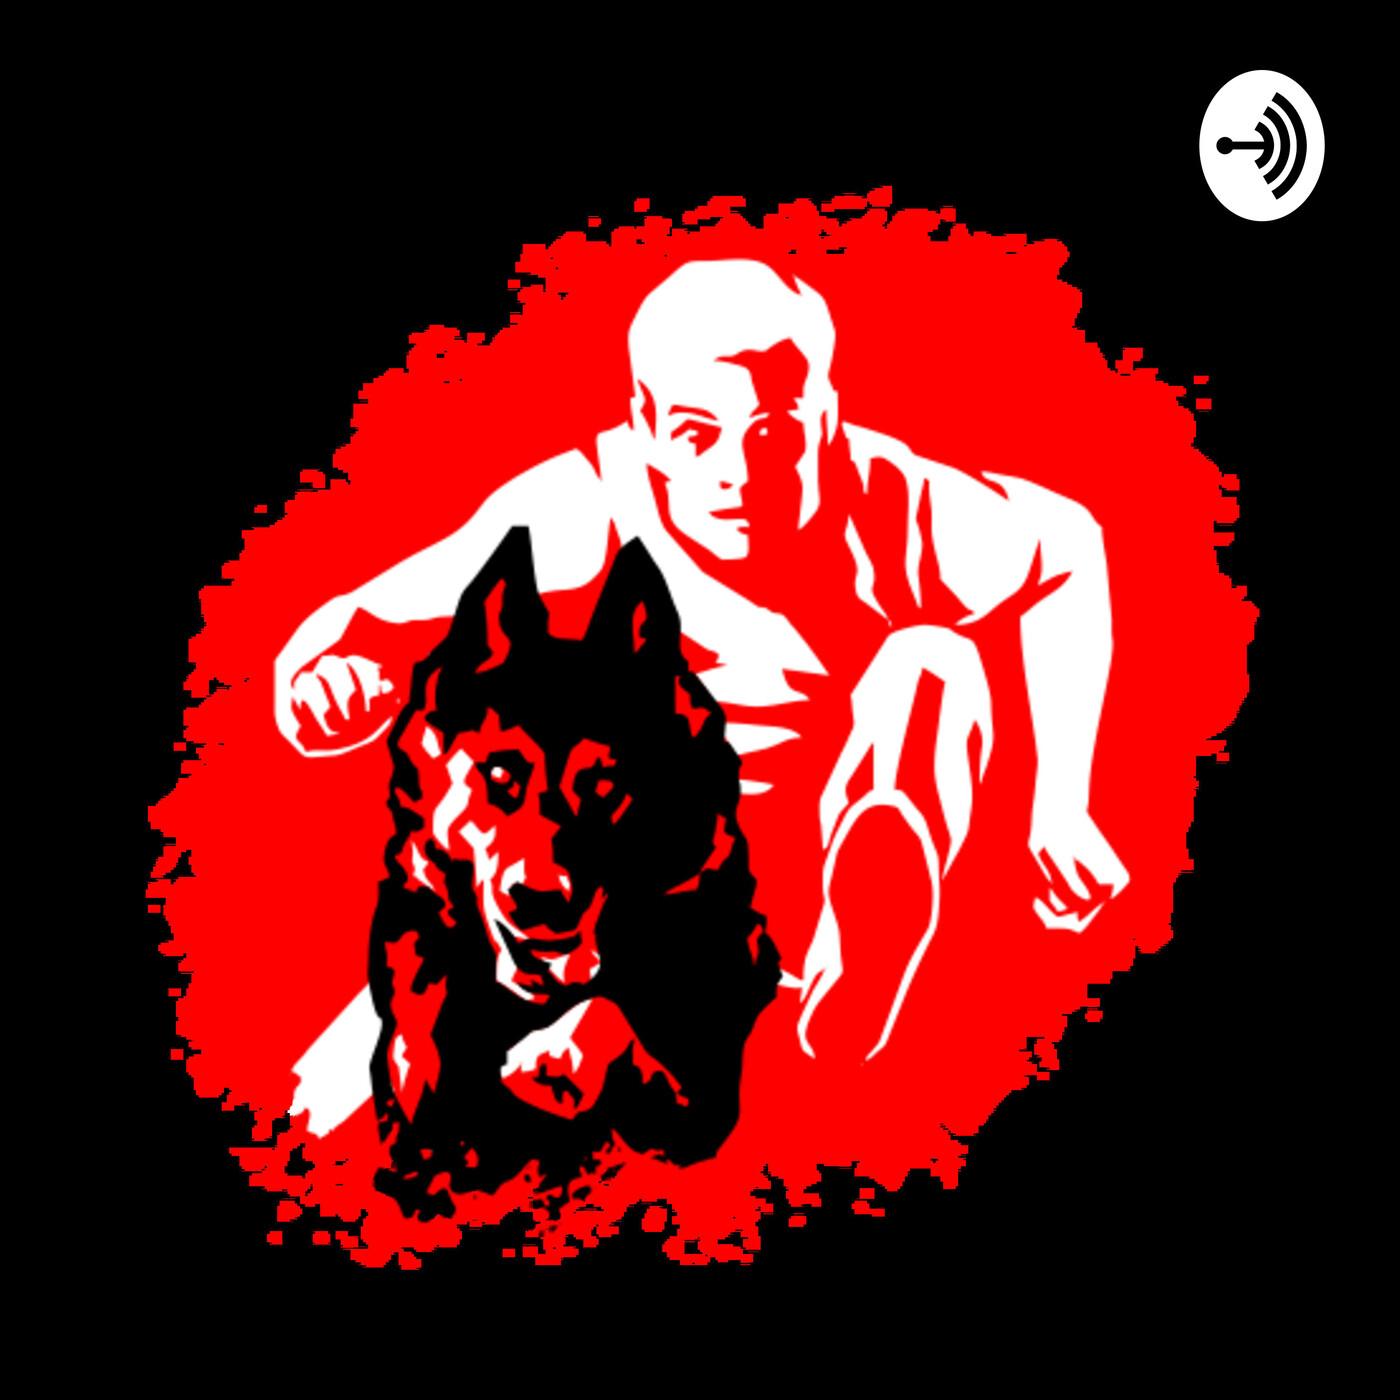 Kutyakemény Podcast - Aktívan 6lábon Kivágó Arnolddal